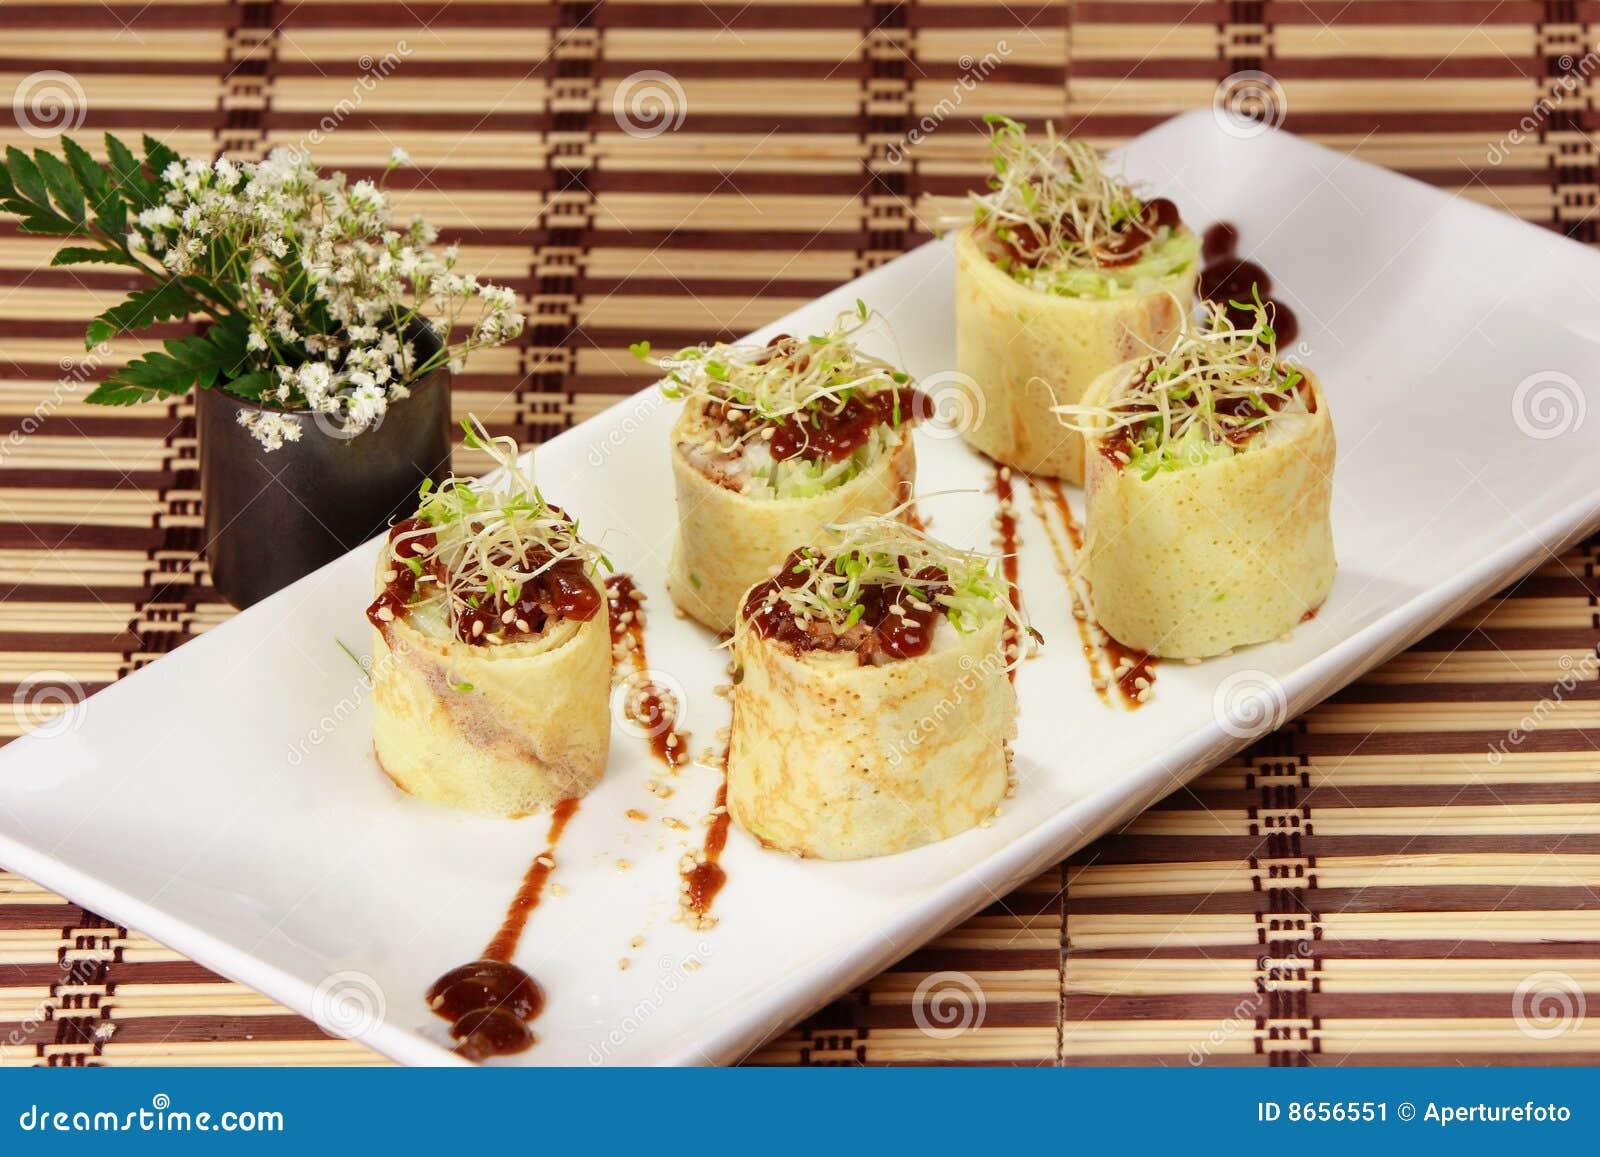 Japanese Rolled Omelet-Tamagoyaki(dashimaki) Stock Image ...